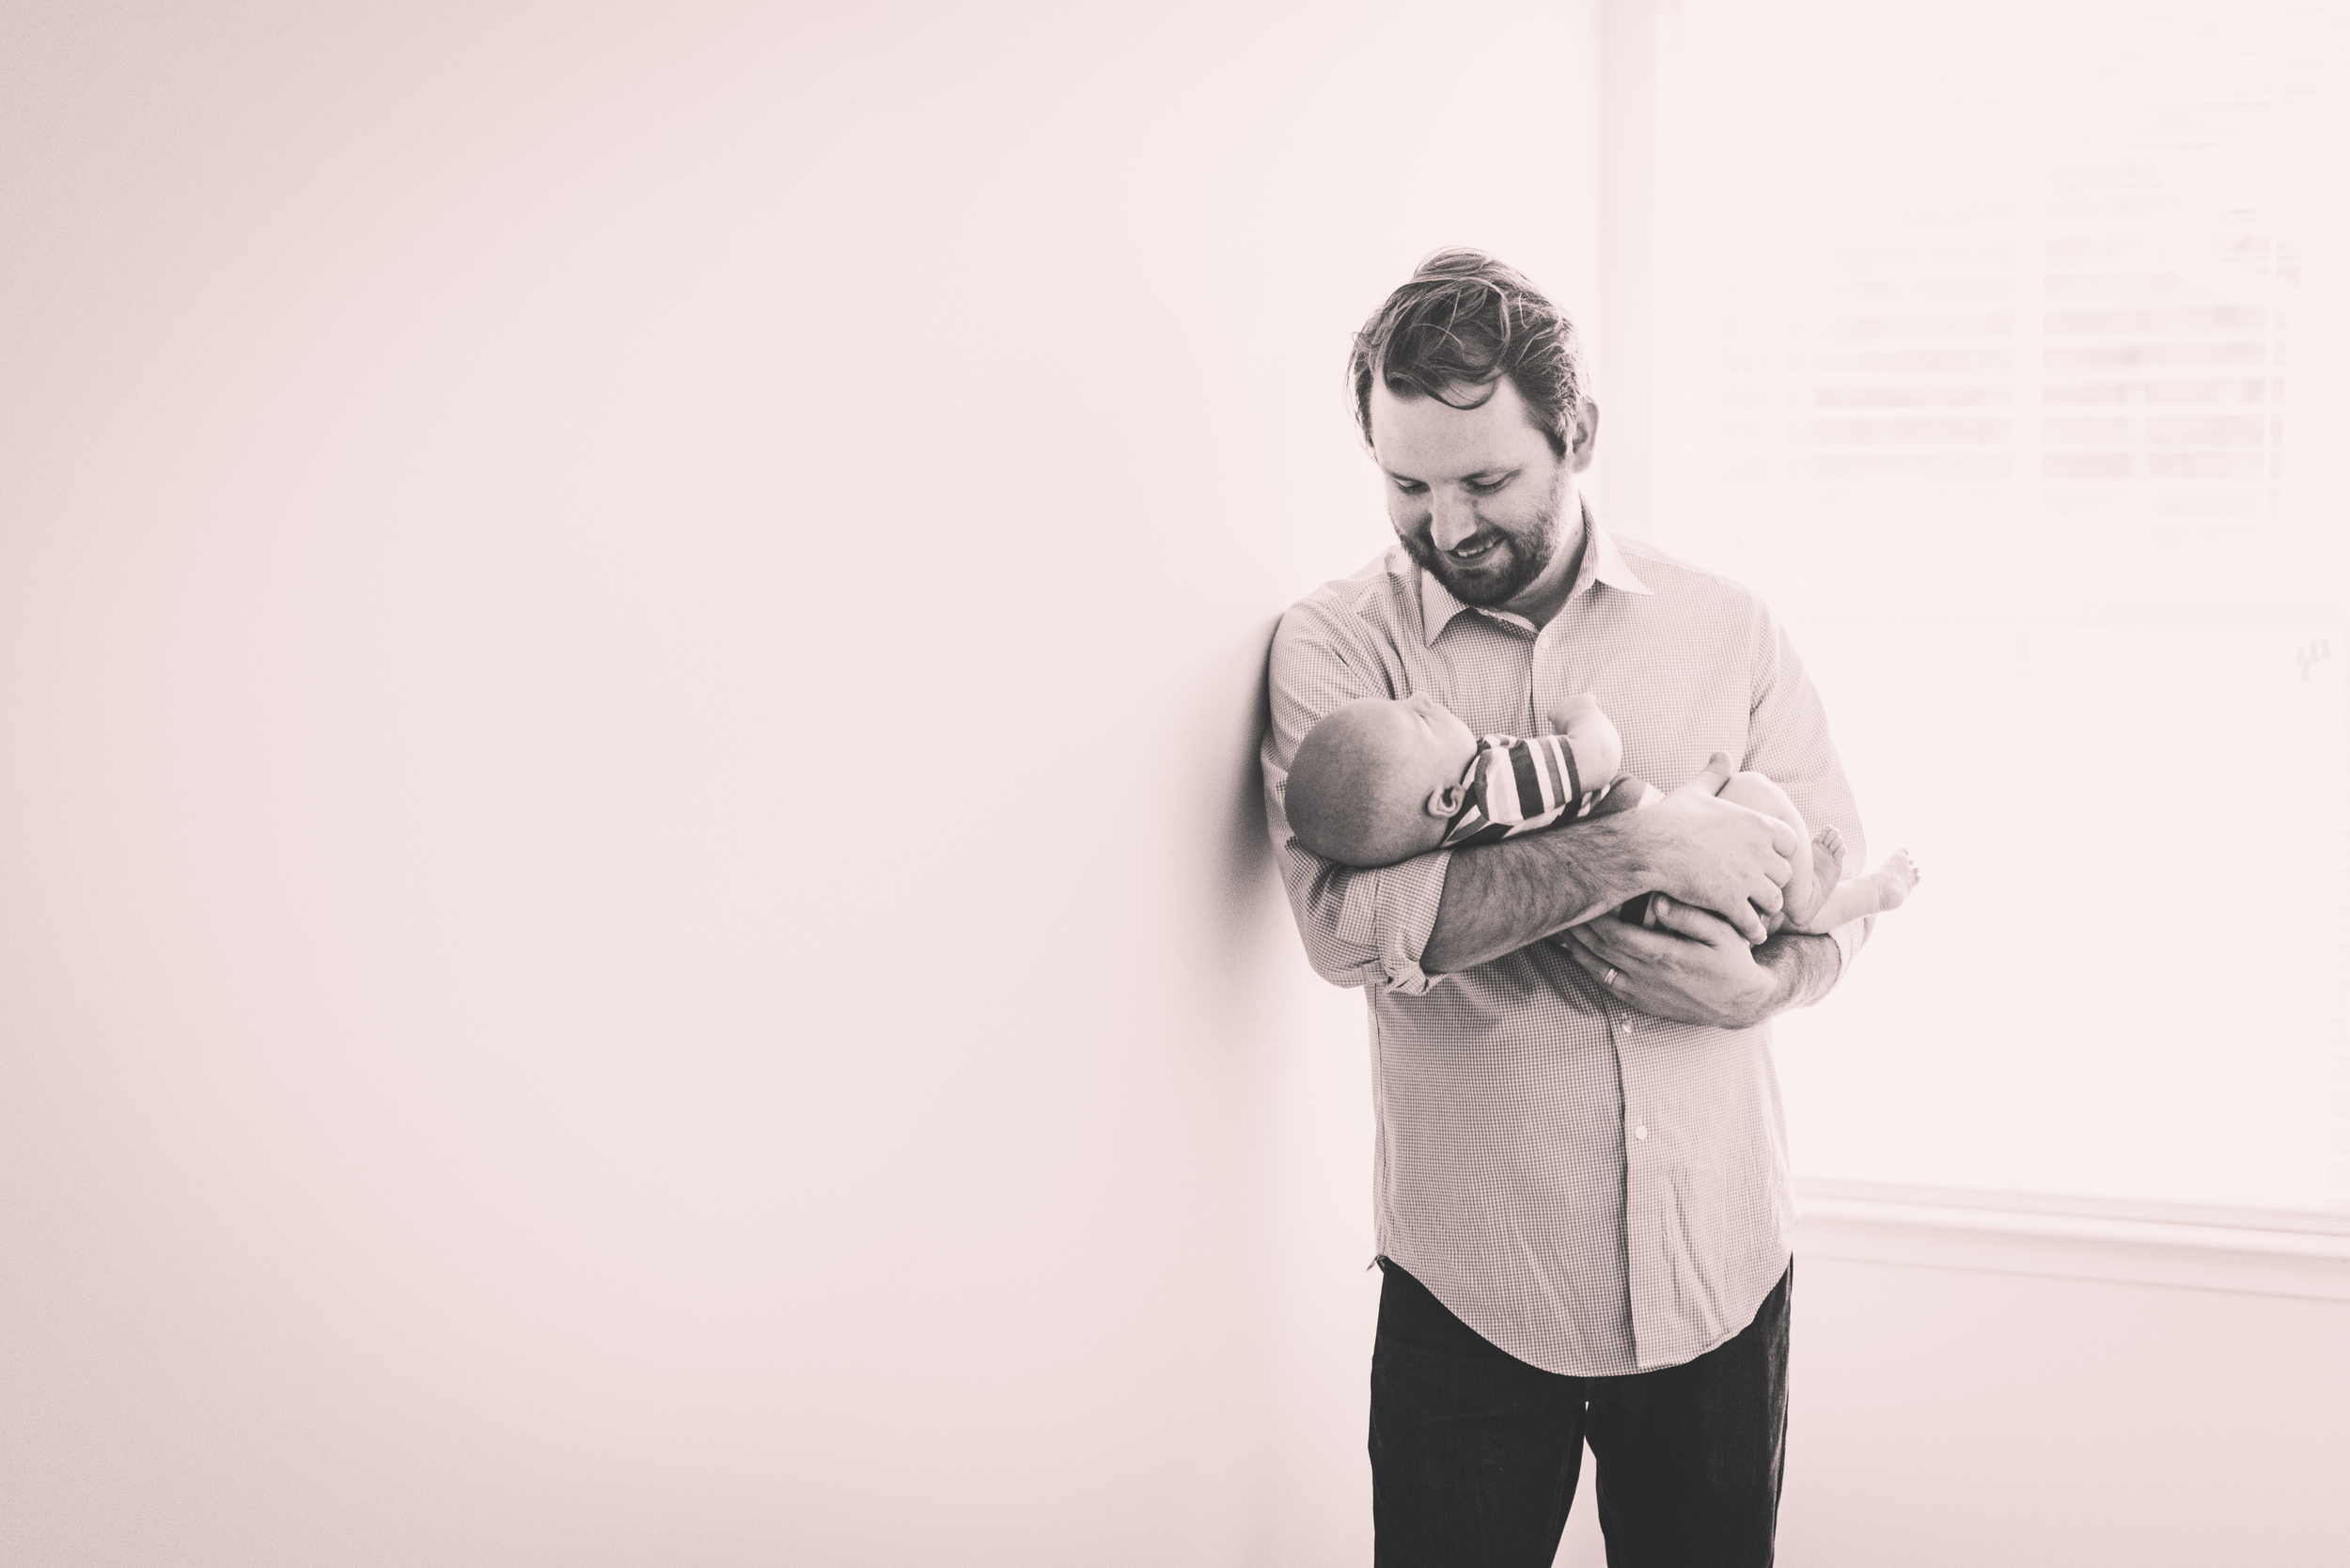 nashville-family-photographer-14.jpg